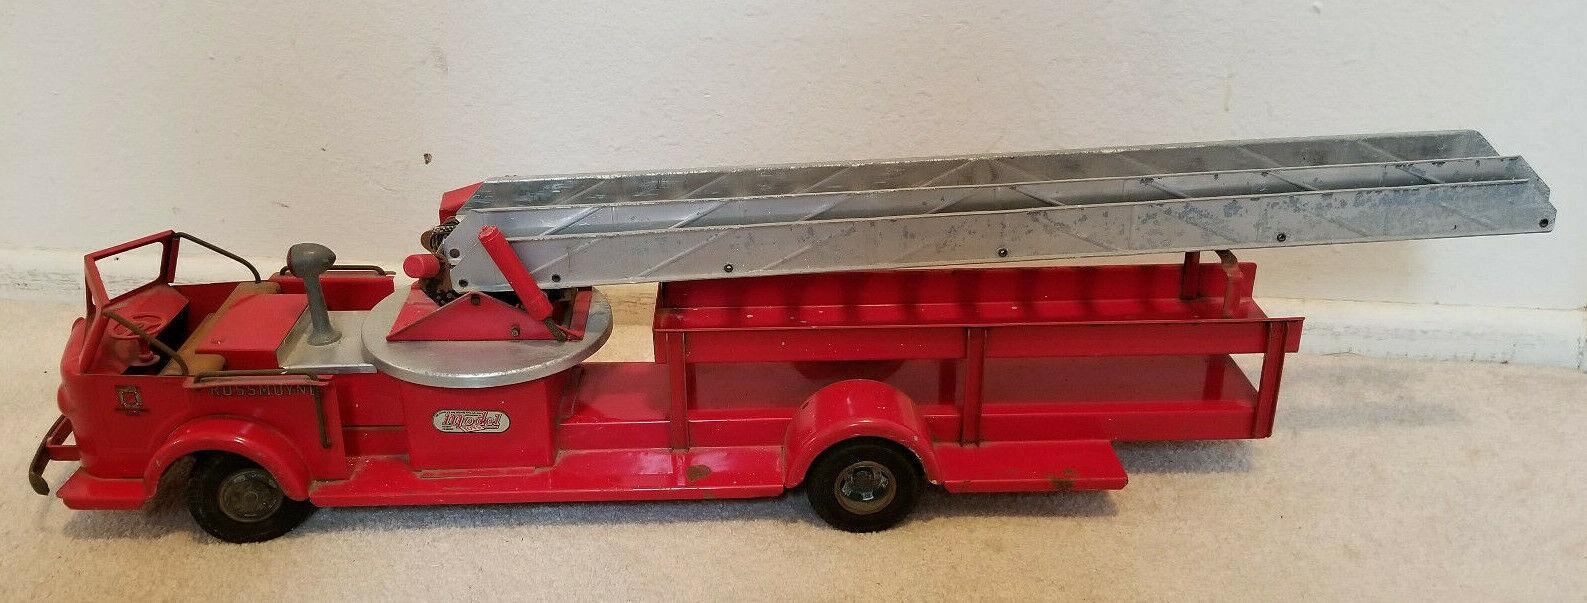 Vintage Rossmoyne Ladder Fire Truck  Doepke Mfg Co  Truck is 28  long - 1950's